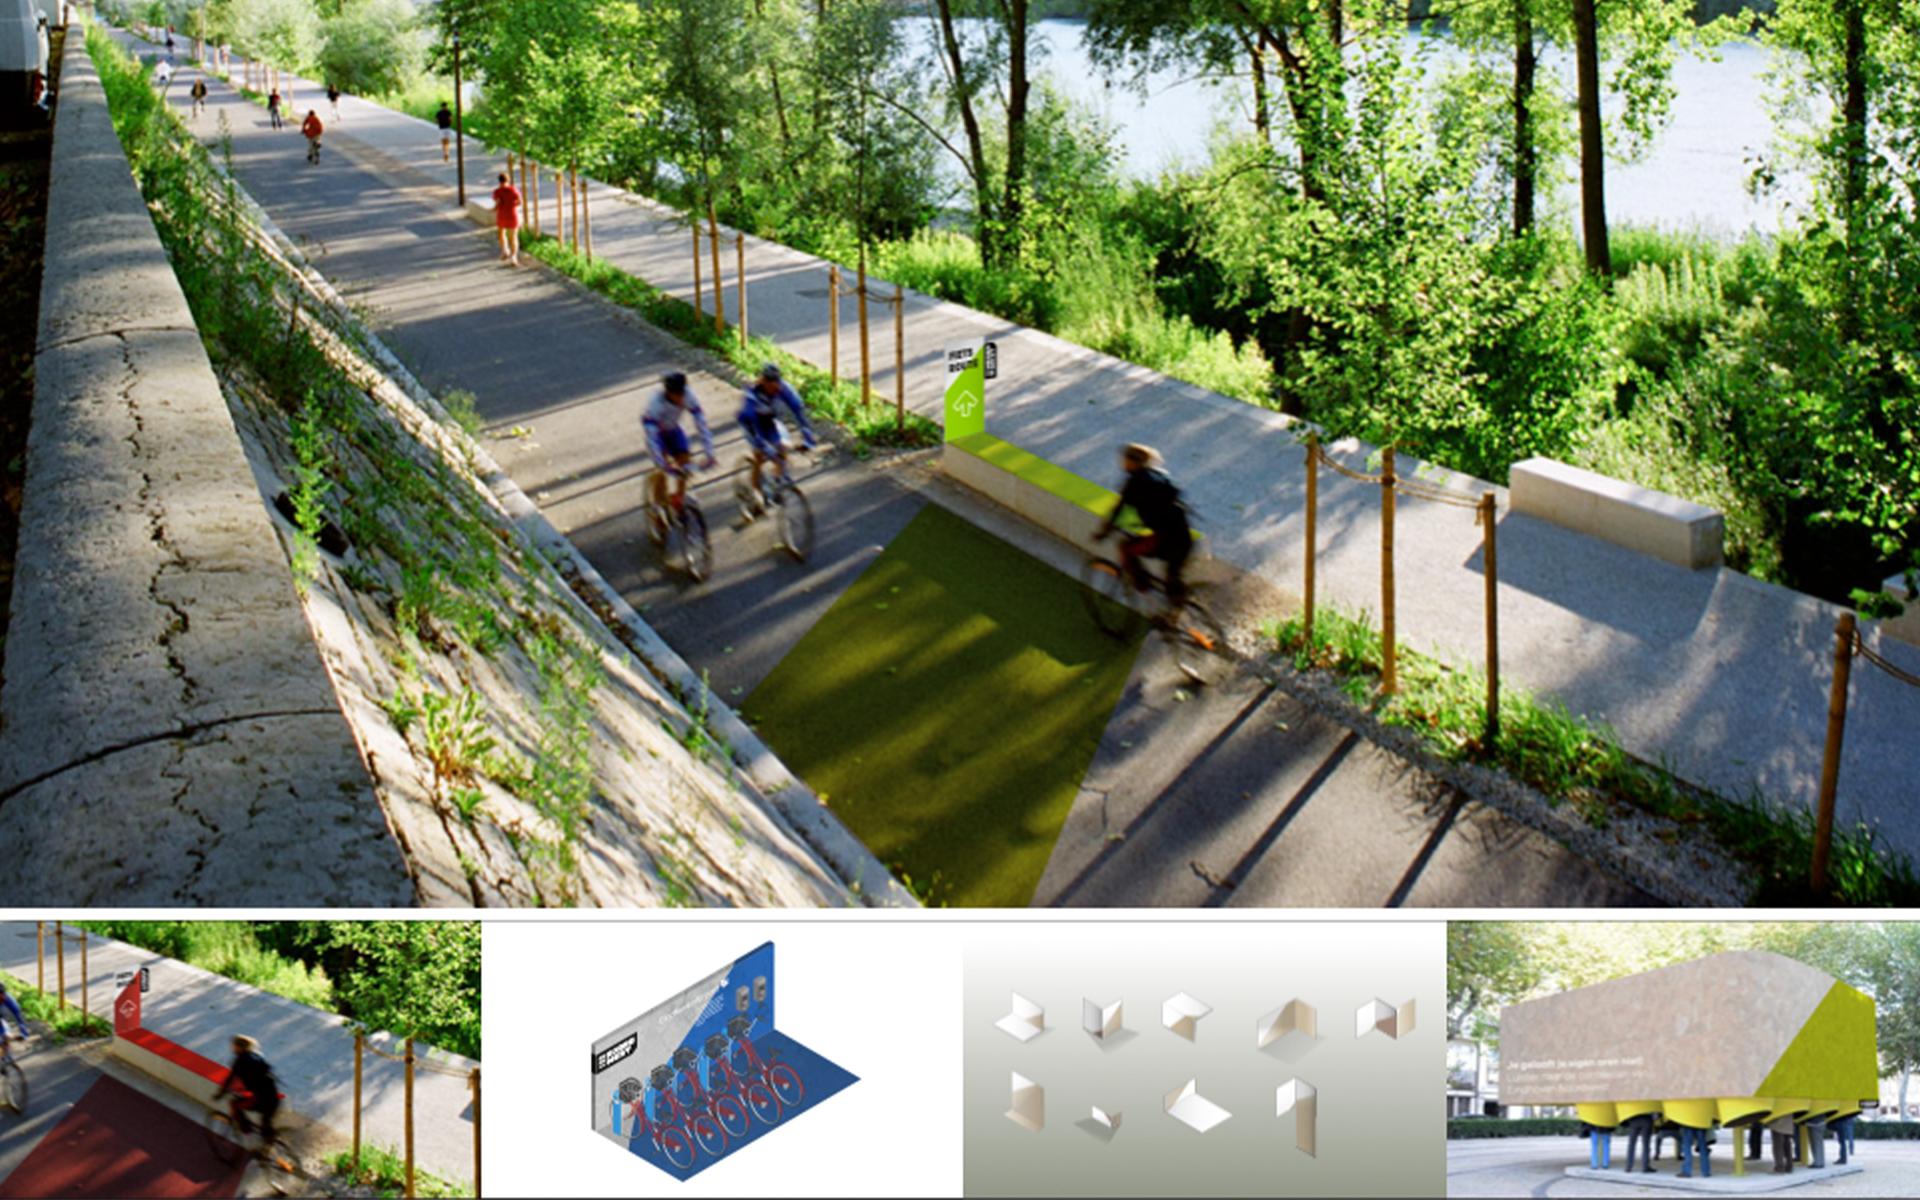 EHNW Eindhoven Noord West gemeente municipality brand design by DAY Creative visual identity presentation